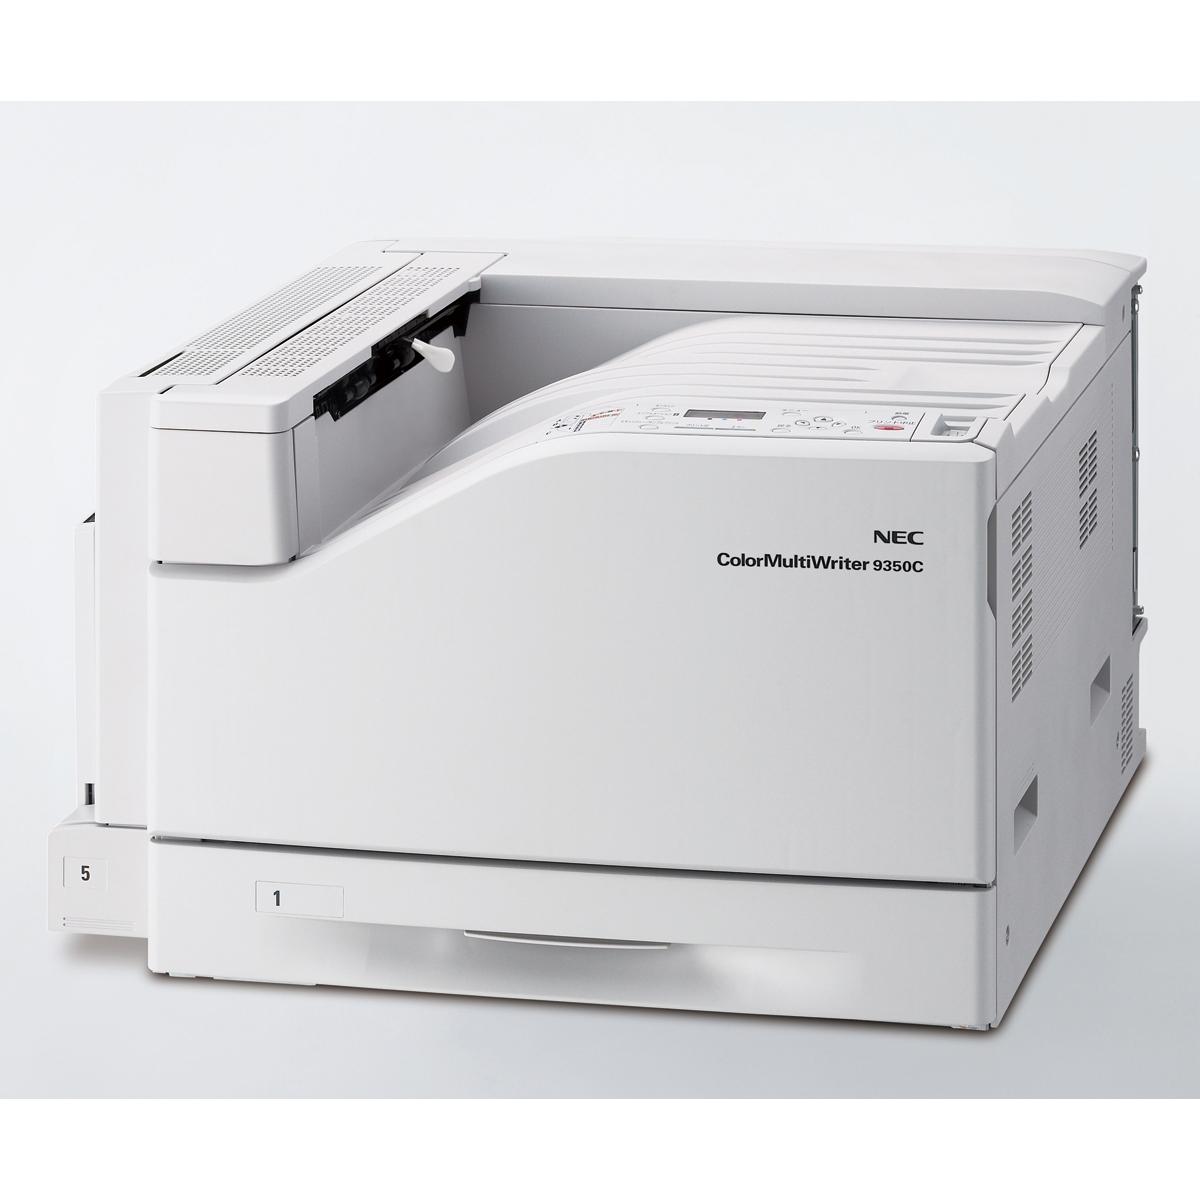 [カラーマルチライタ9350C] A4カラー毎分35頁の出力が可能なA3対応レーザプリンター。本体価格は298,000円